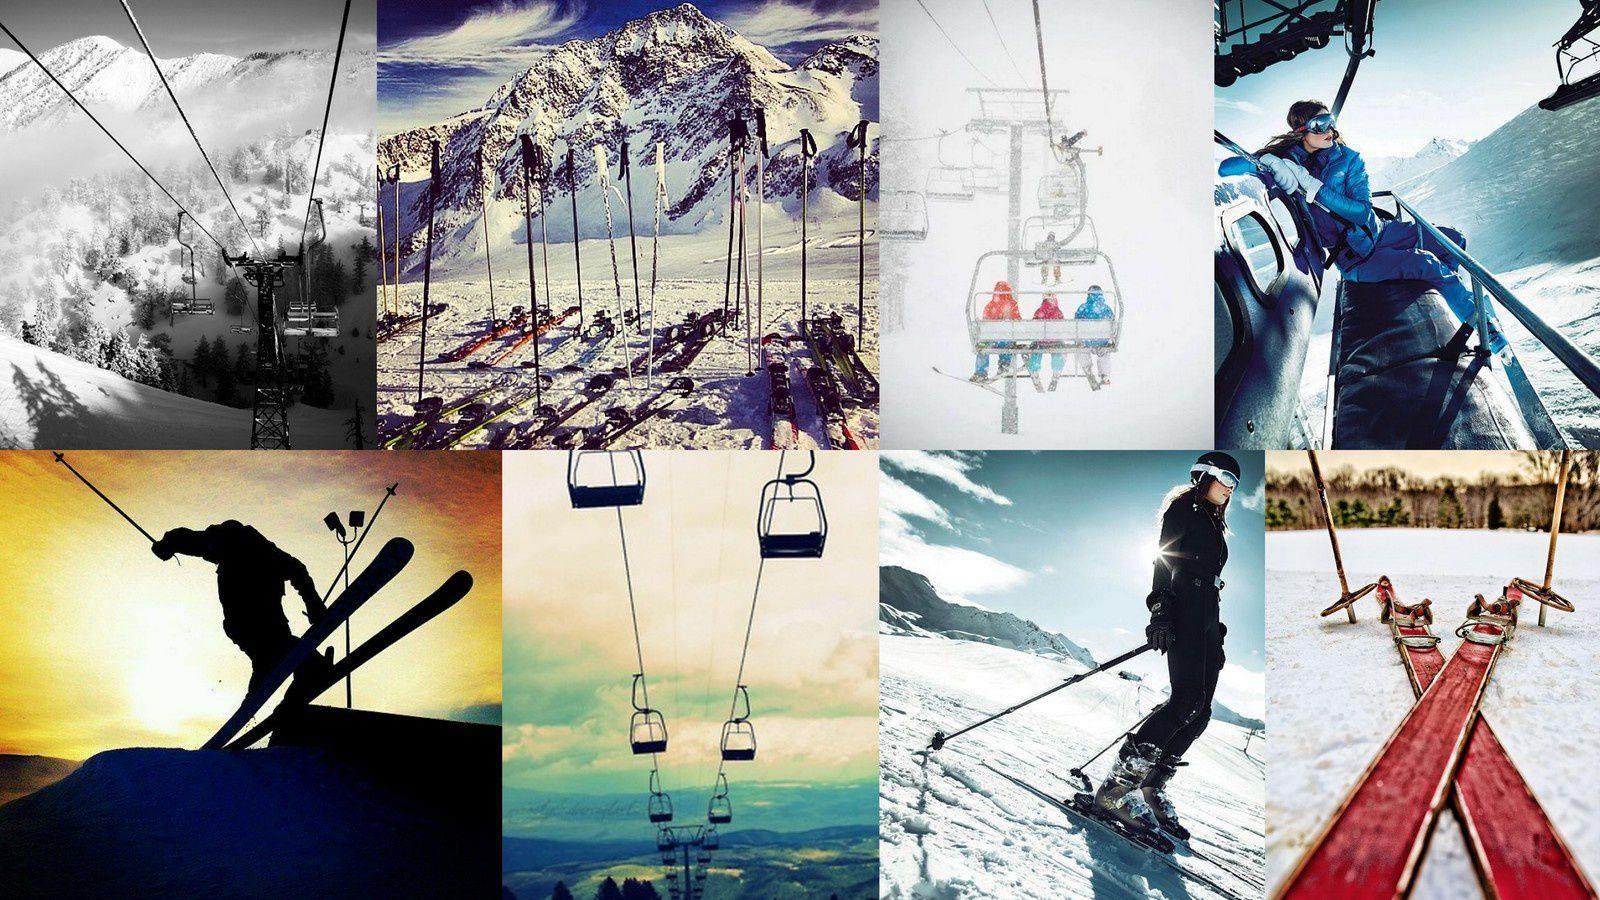 [Inspiration du moment #5] : Je vais enfin apprendre à skier...